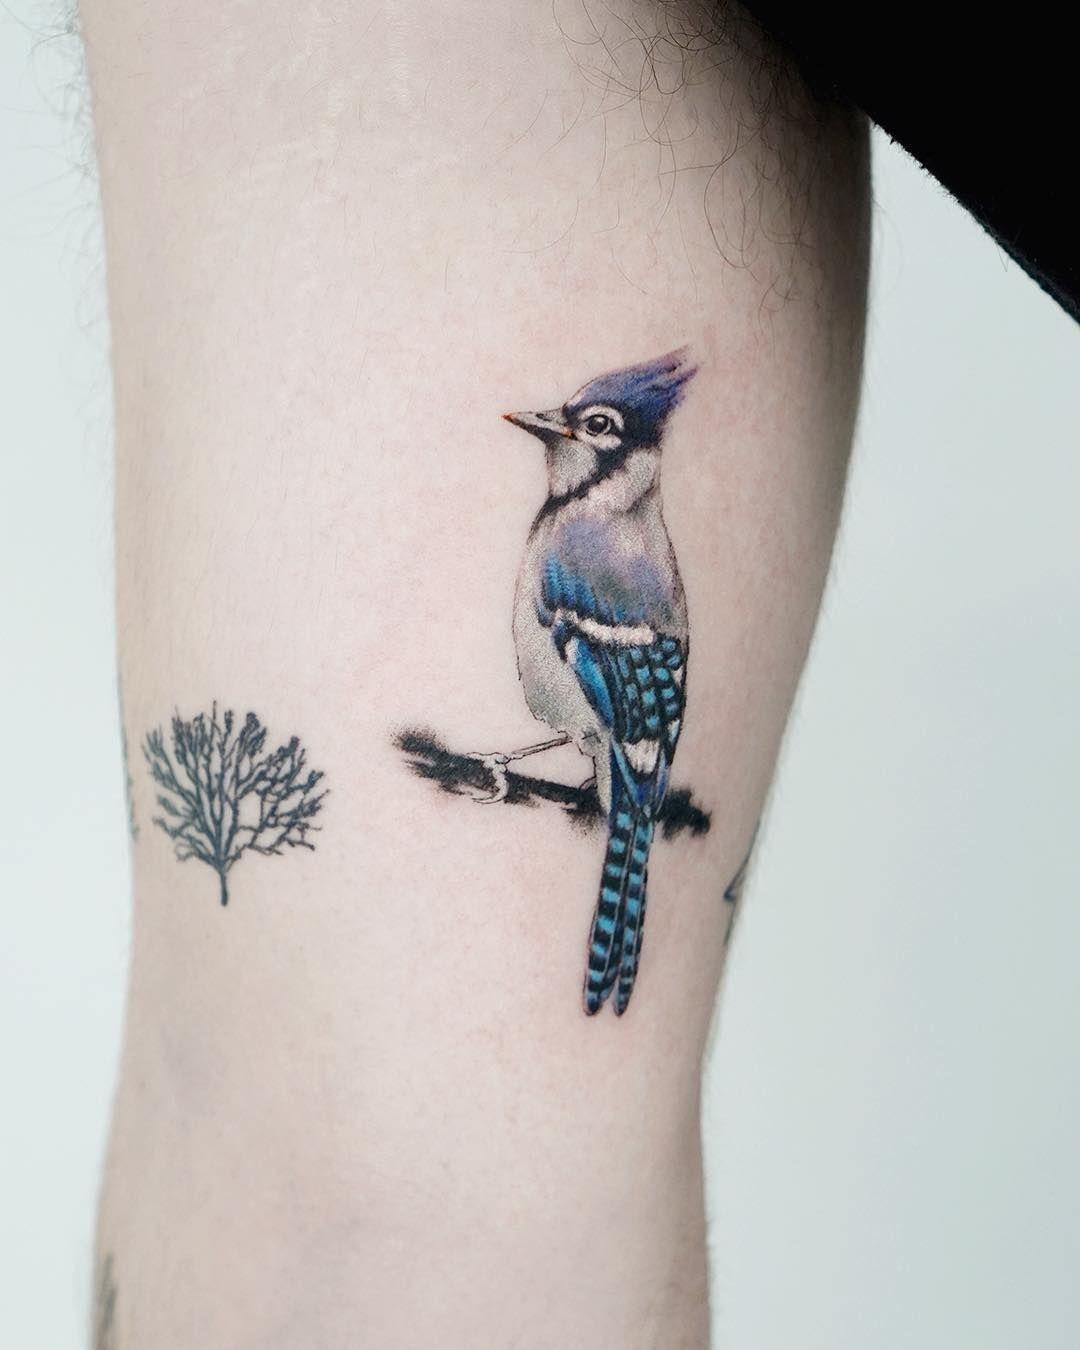 Simple Blue Jay Tattoo : simple, tattoo, Tattoo, Ideas, Tattoo,, Birds